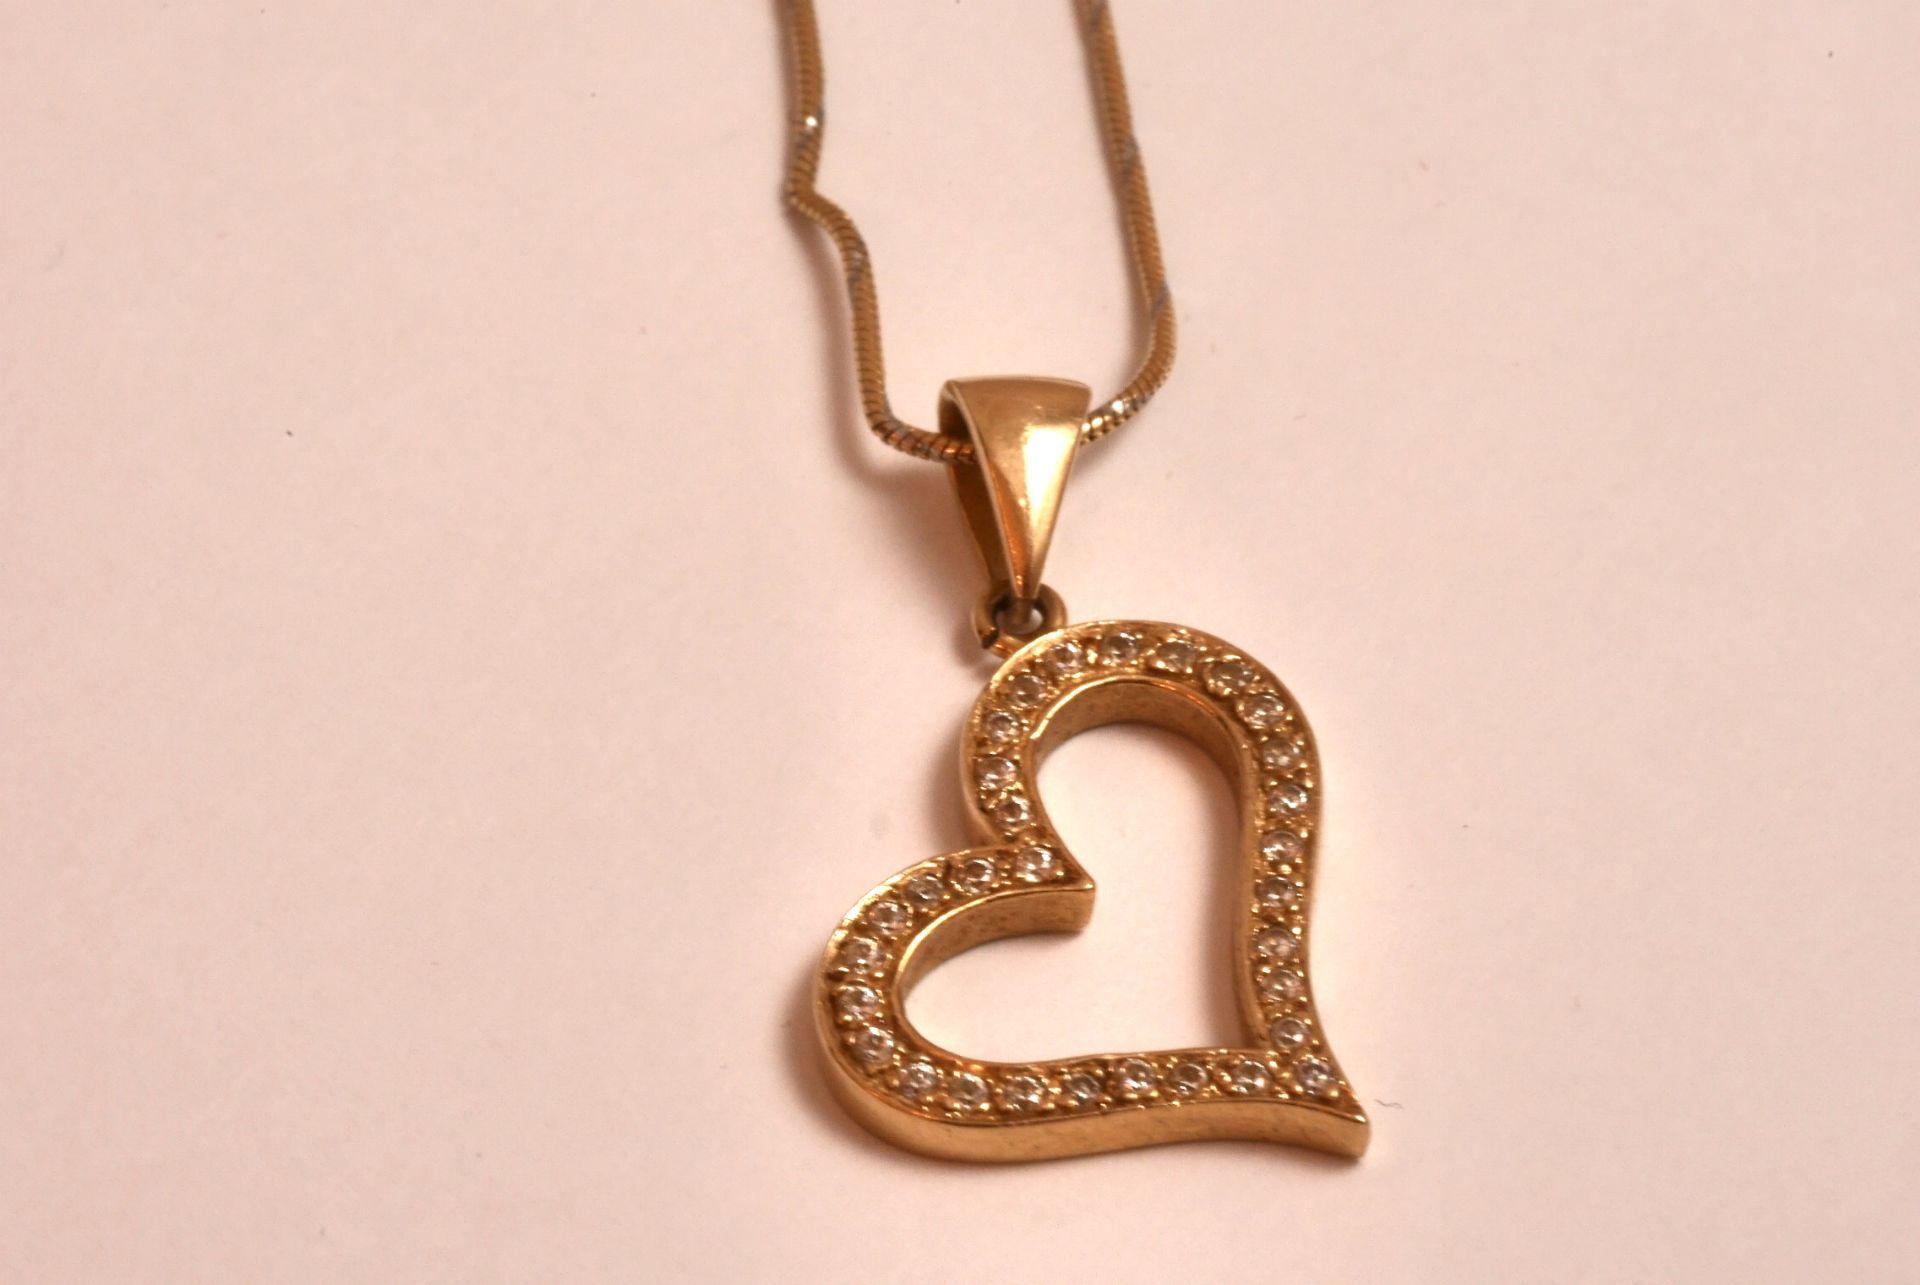 Halskette mit Herzanhänger GG 585, Zirkonia, 5,65 Gramm - Bild 3 aus 4